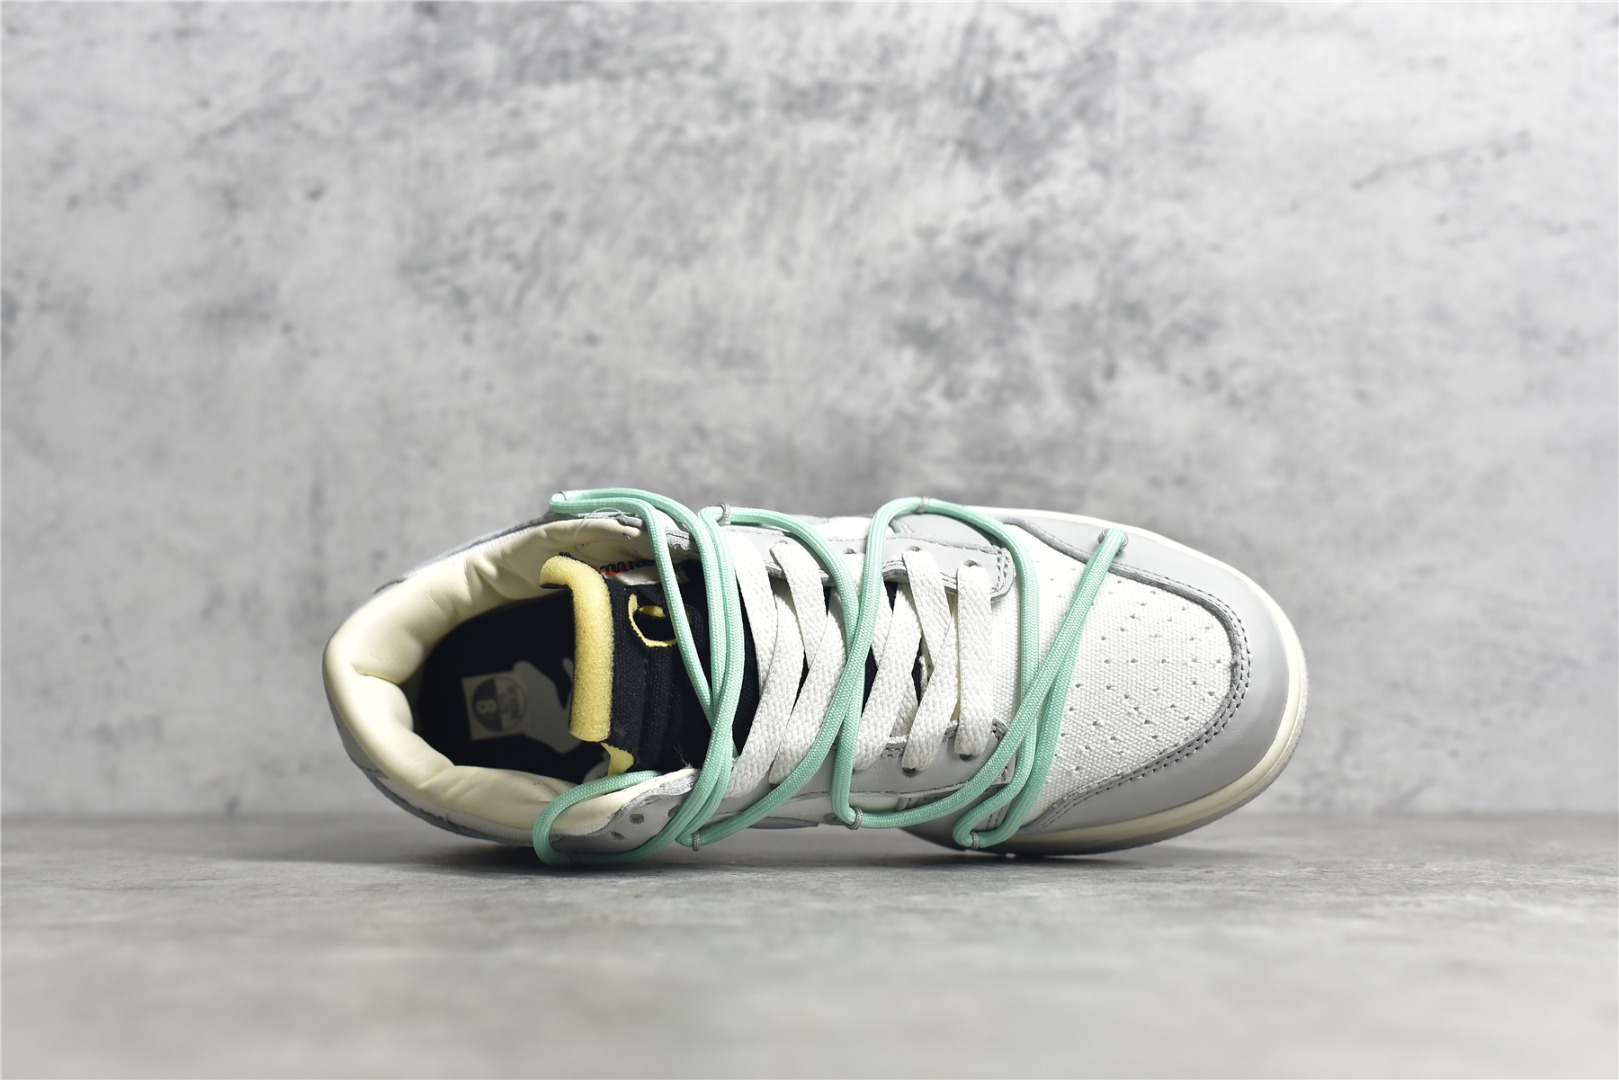 """耐克Dunk OW联名 0ff-White x Nike Dunk Low""""04 of 50"""" 耐克Dunk白灰色低帮联名款纯原复刻 货号:DM1602-114-潮流者之家"""